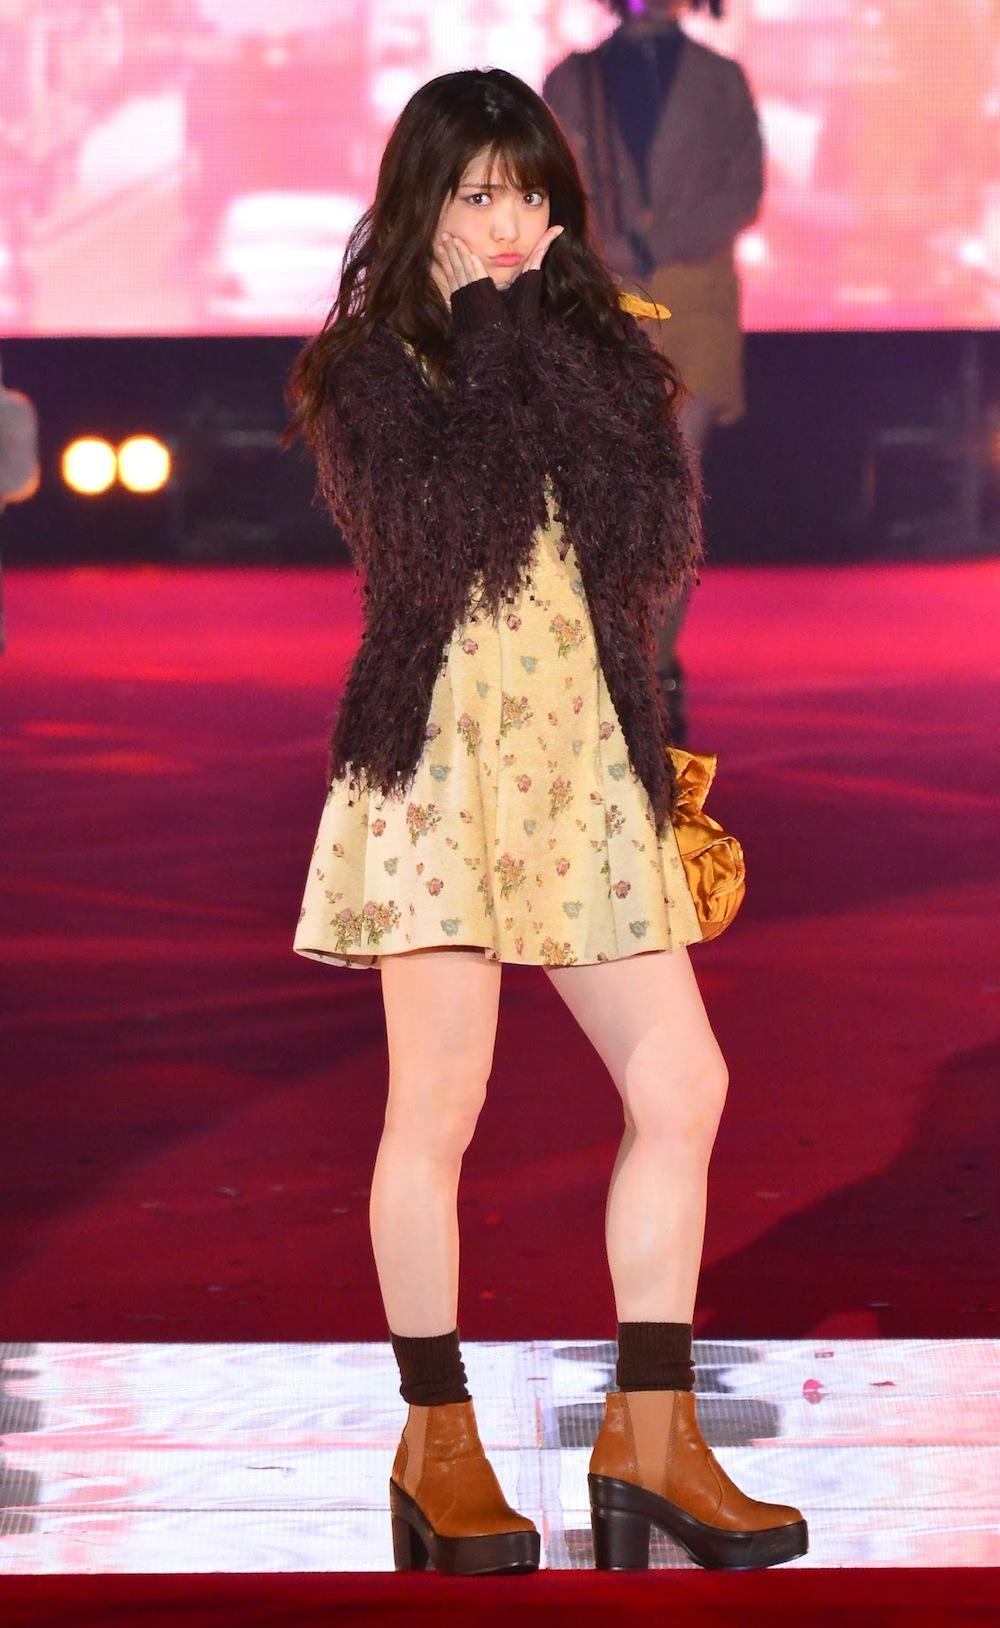 松村沙友理(乃木坂46)GirlsAward model